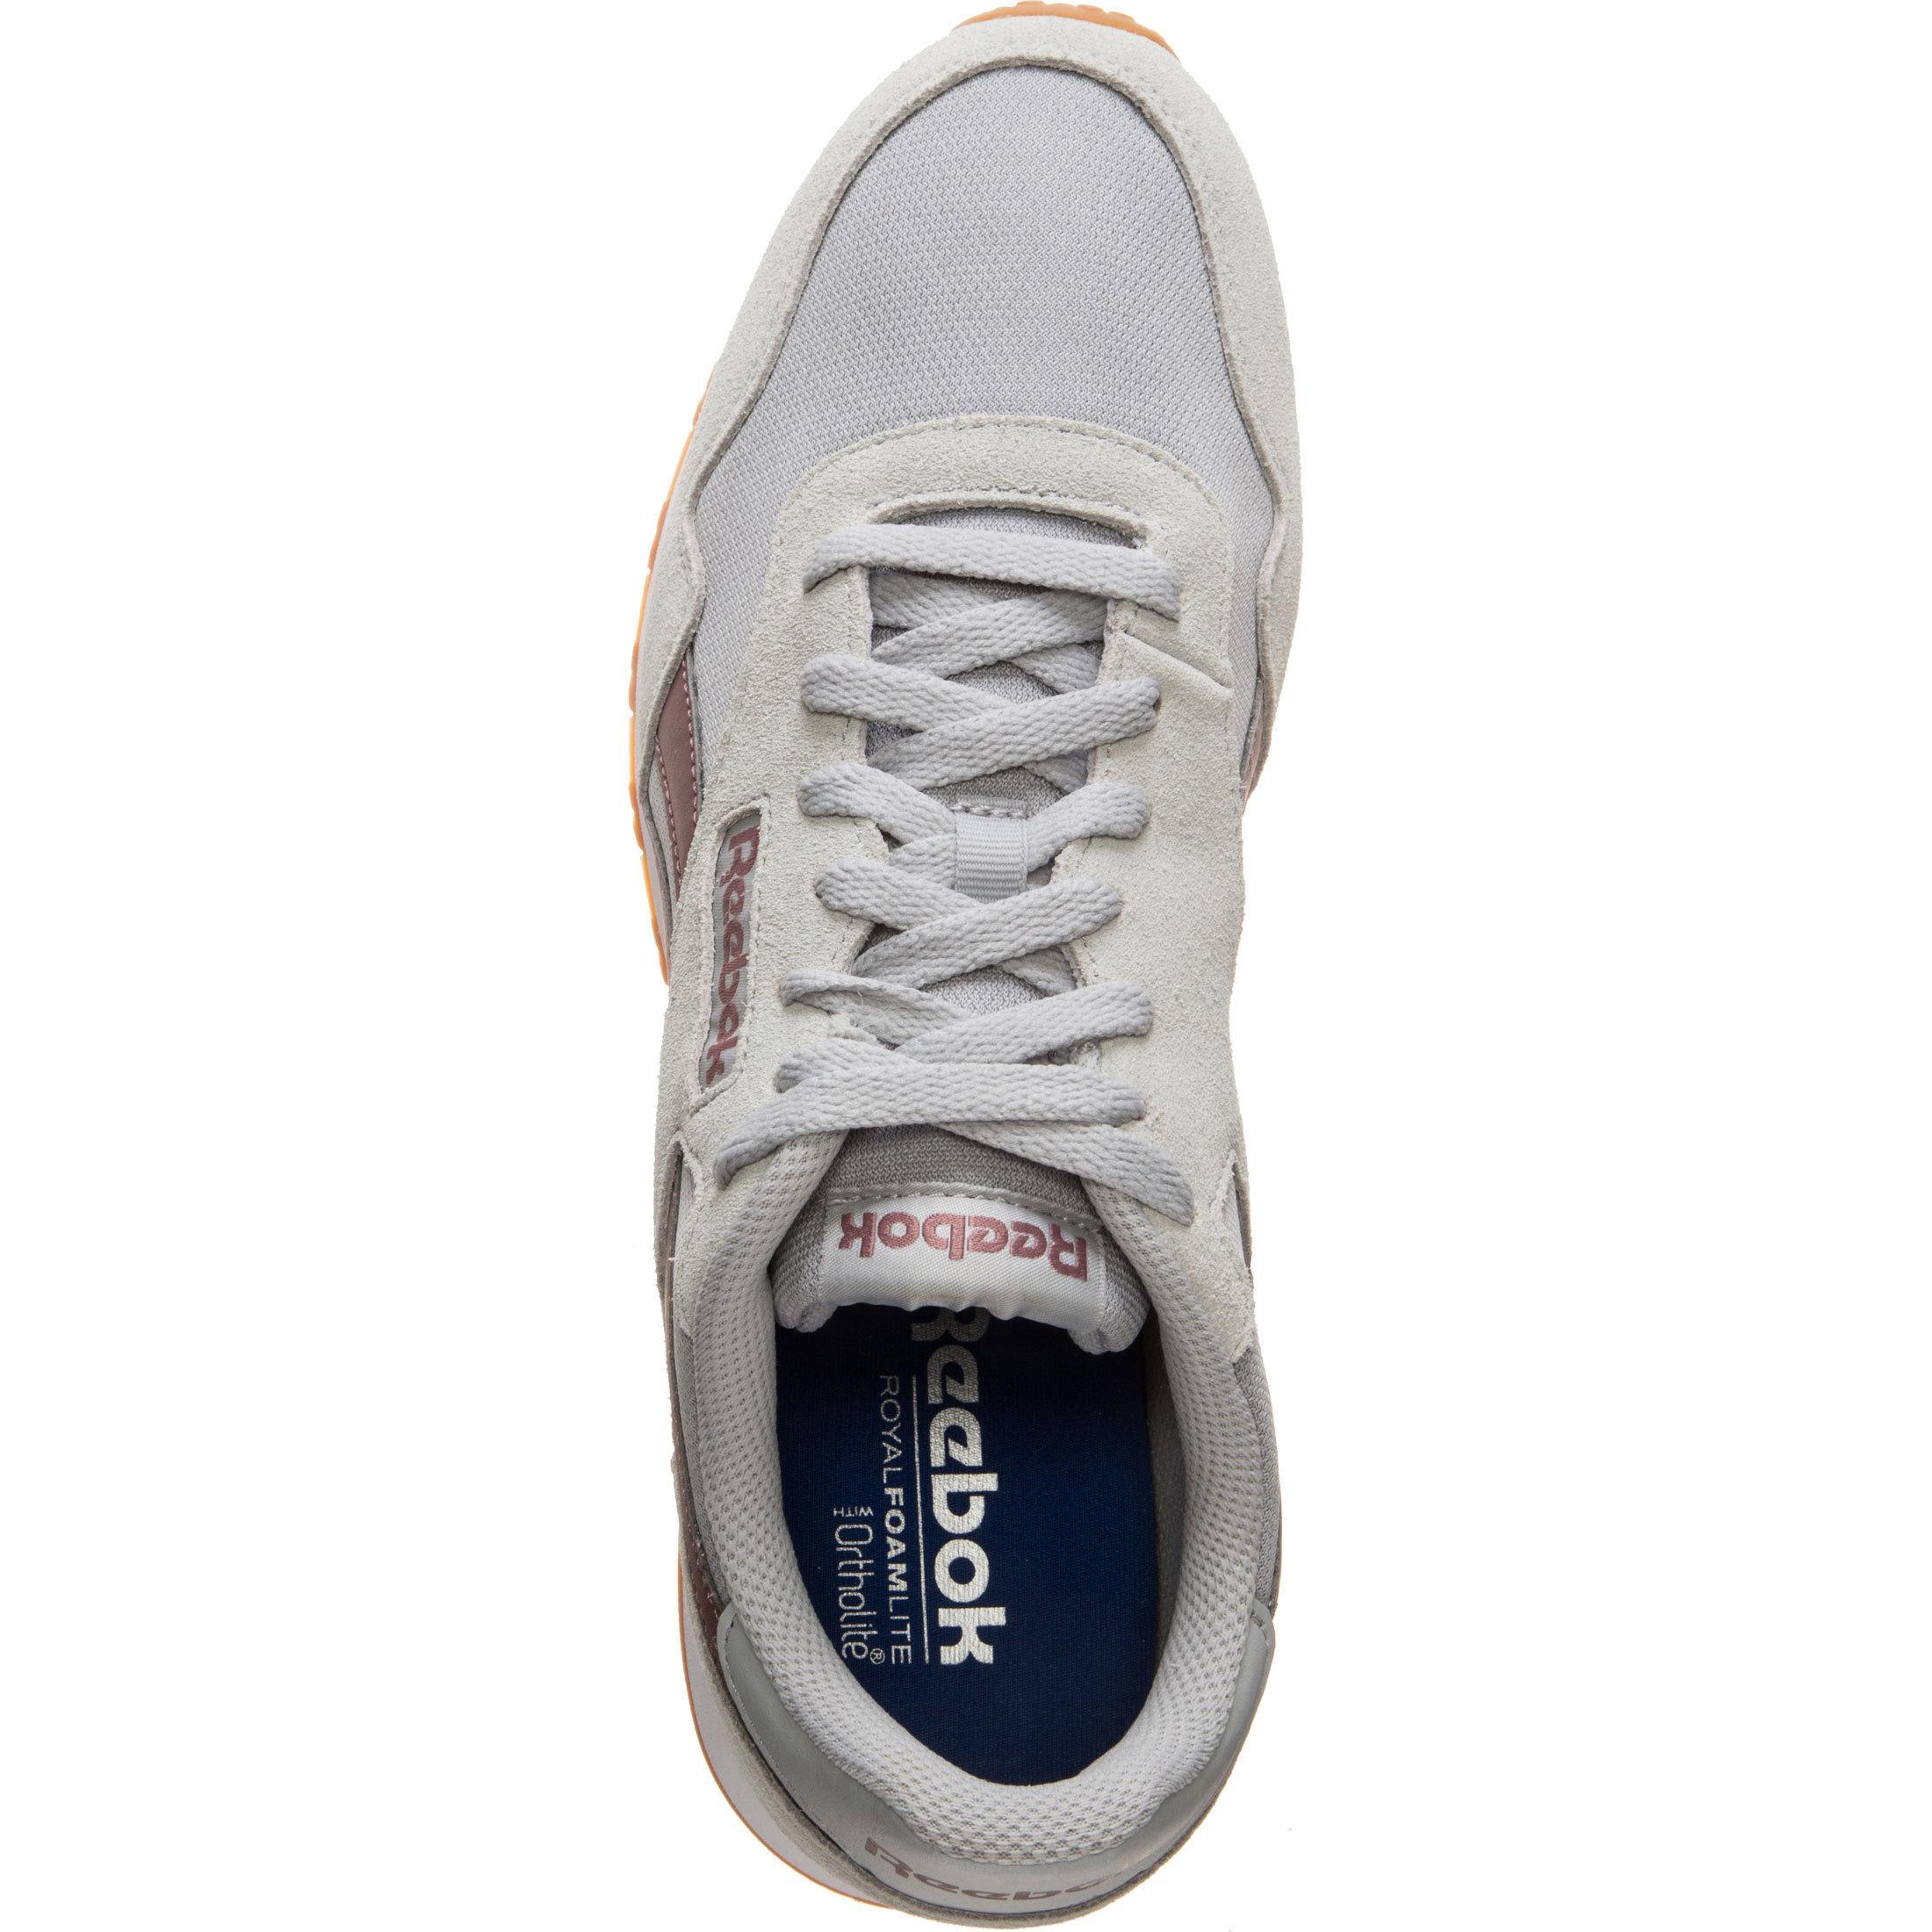 Reebok Royal Ultra Turnschuhe Herren grau  Rosa  Rosa  im Online Shop von SportScheck kaufen Gute Qualität beliebte Schuhe 394420